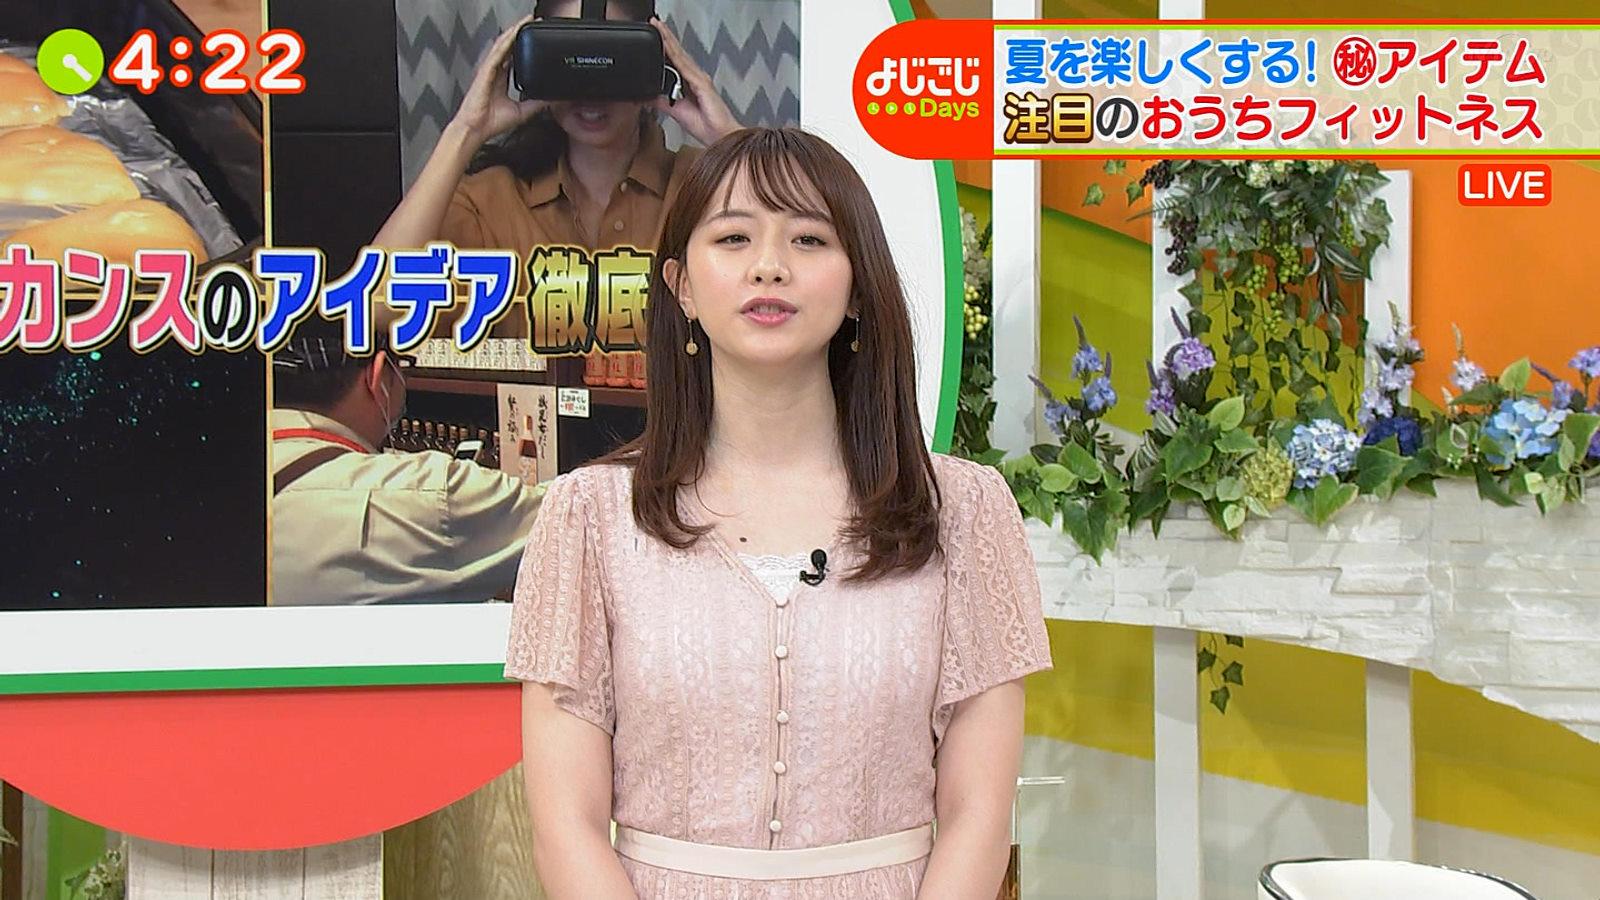 森香澄_女子アナ_おっぱい_乳揺れ_よじごじDAYS_29